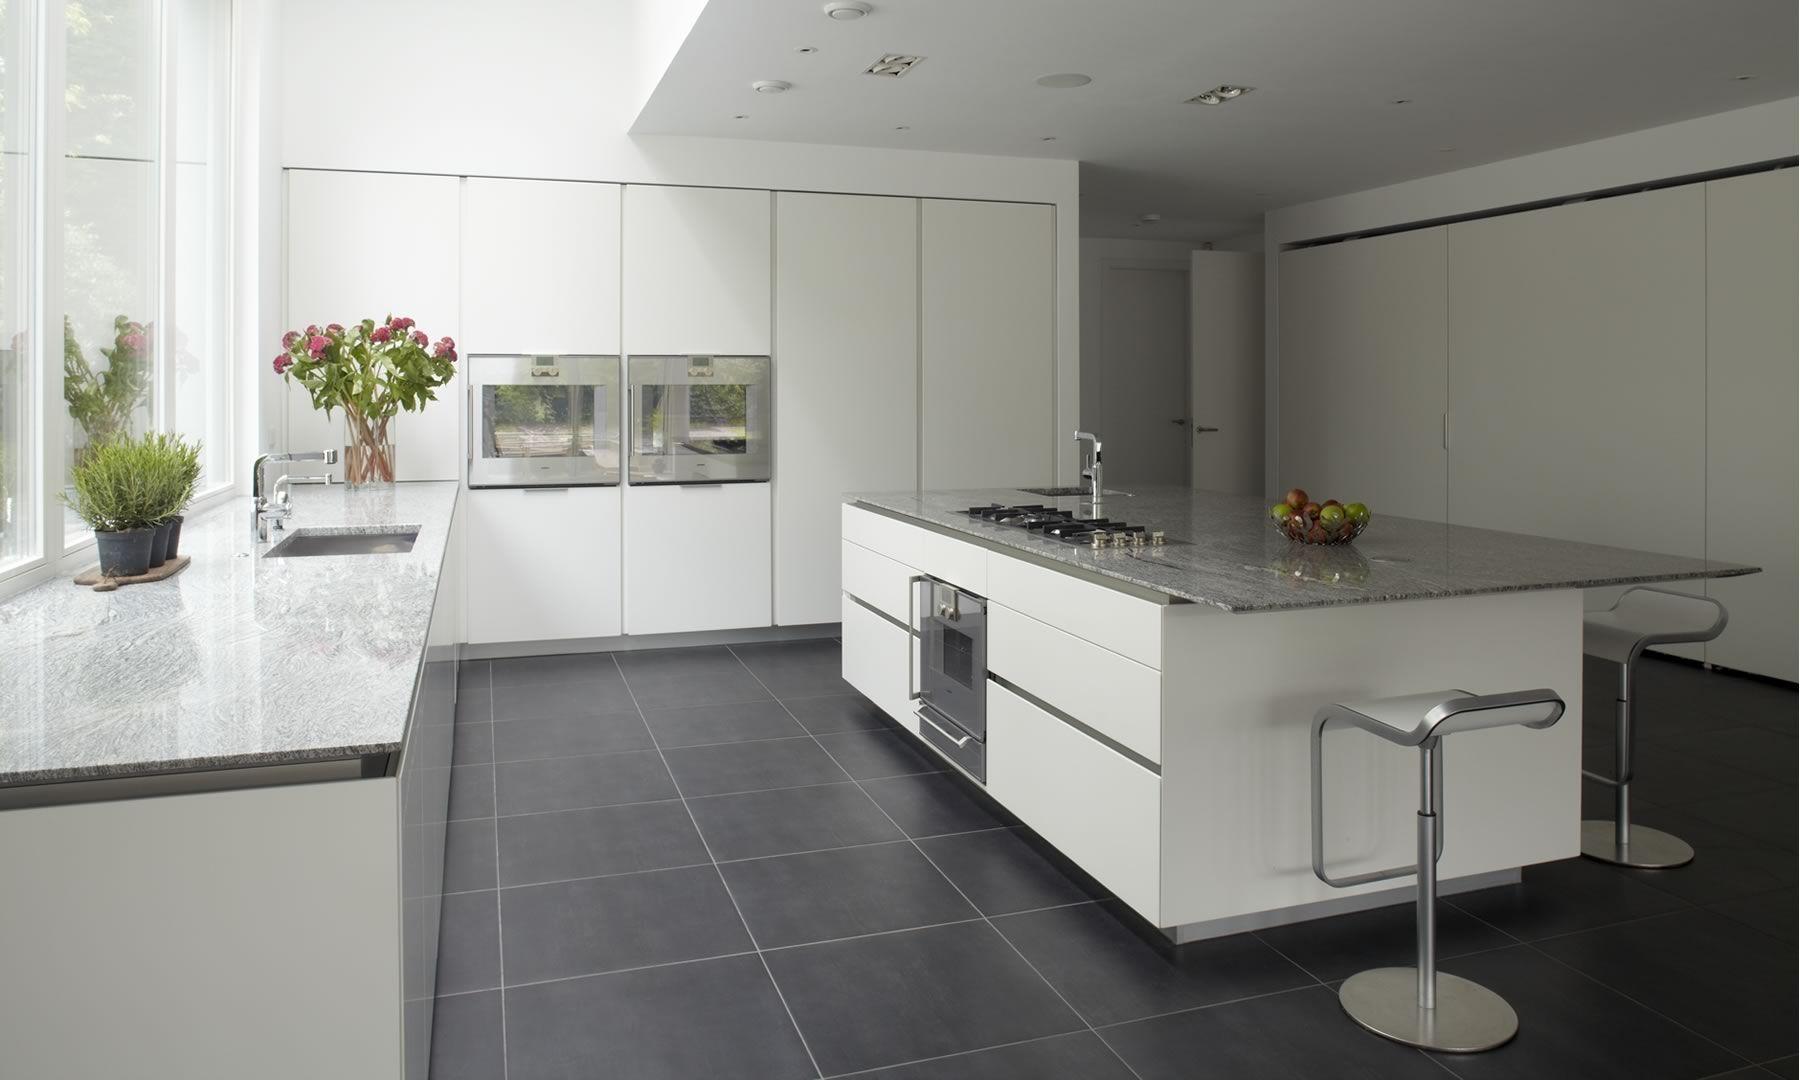 Vilafranca penedes reforma cocina muebles cocina - Instalador de cocinas ...